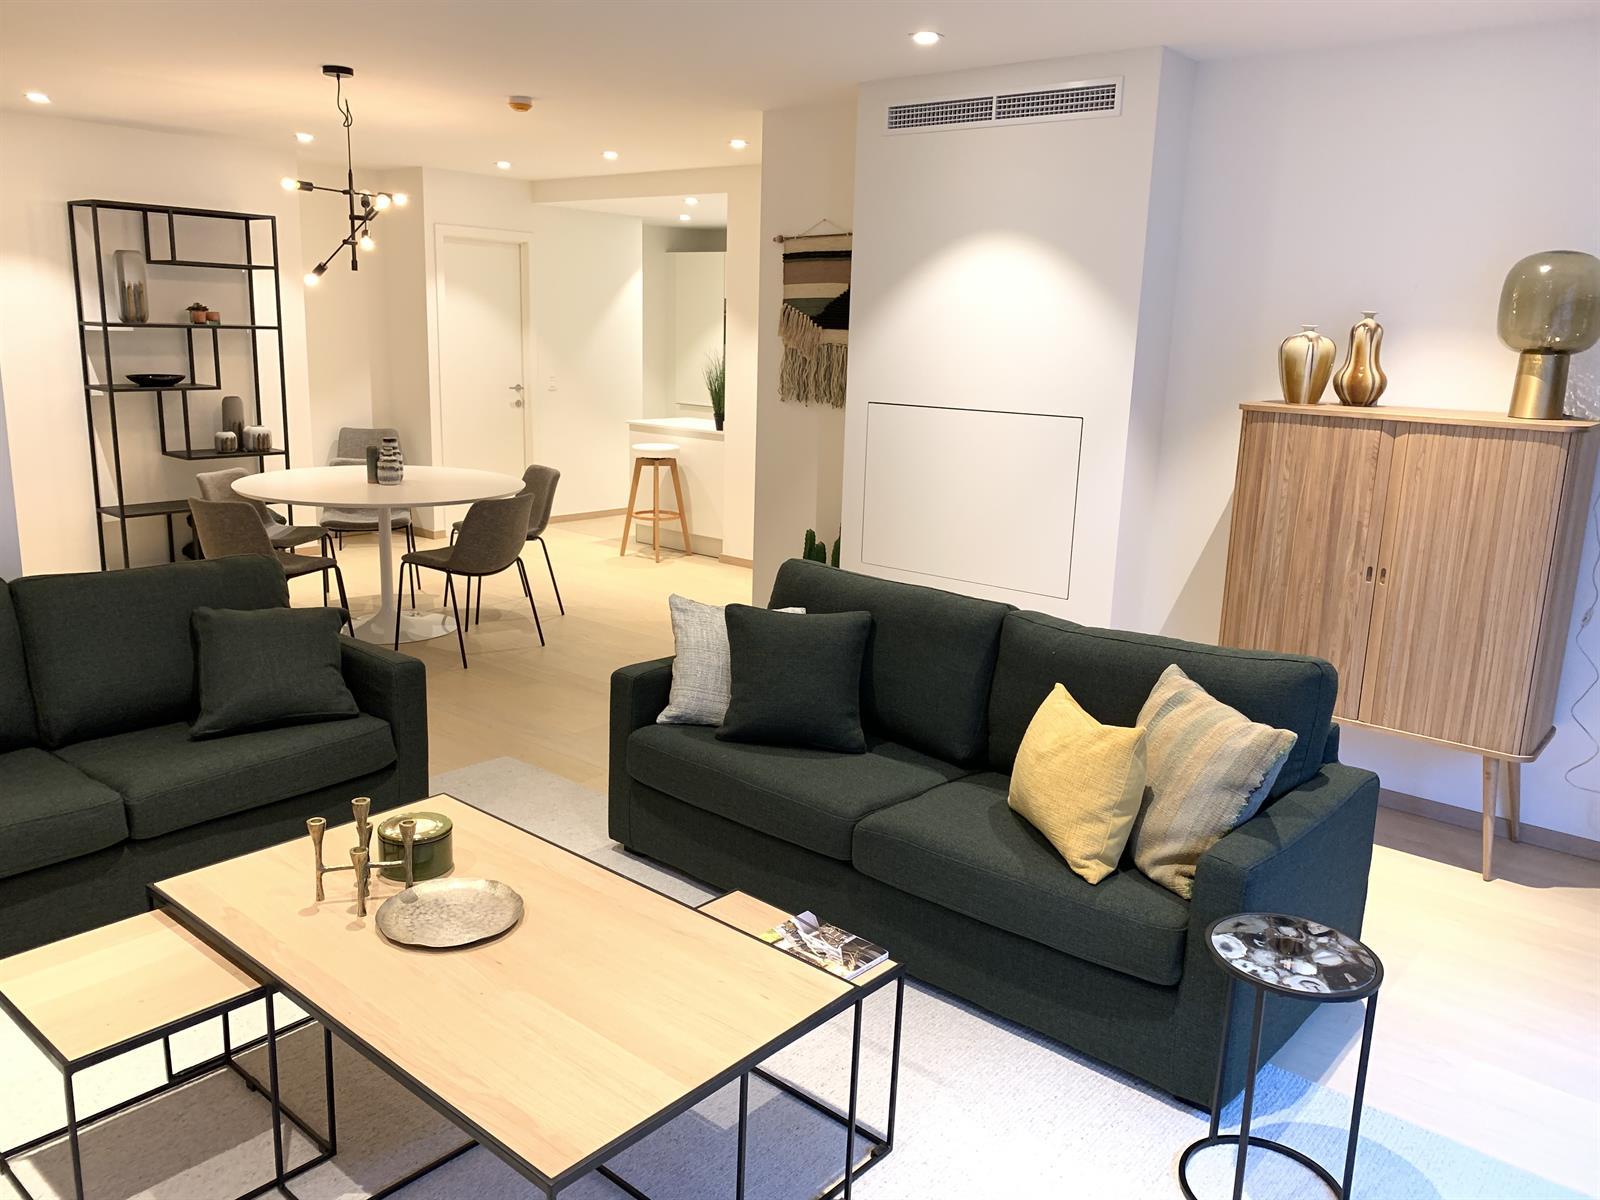 Appartement exceptionnel - Ixelles - #3929616-1